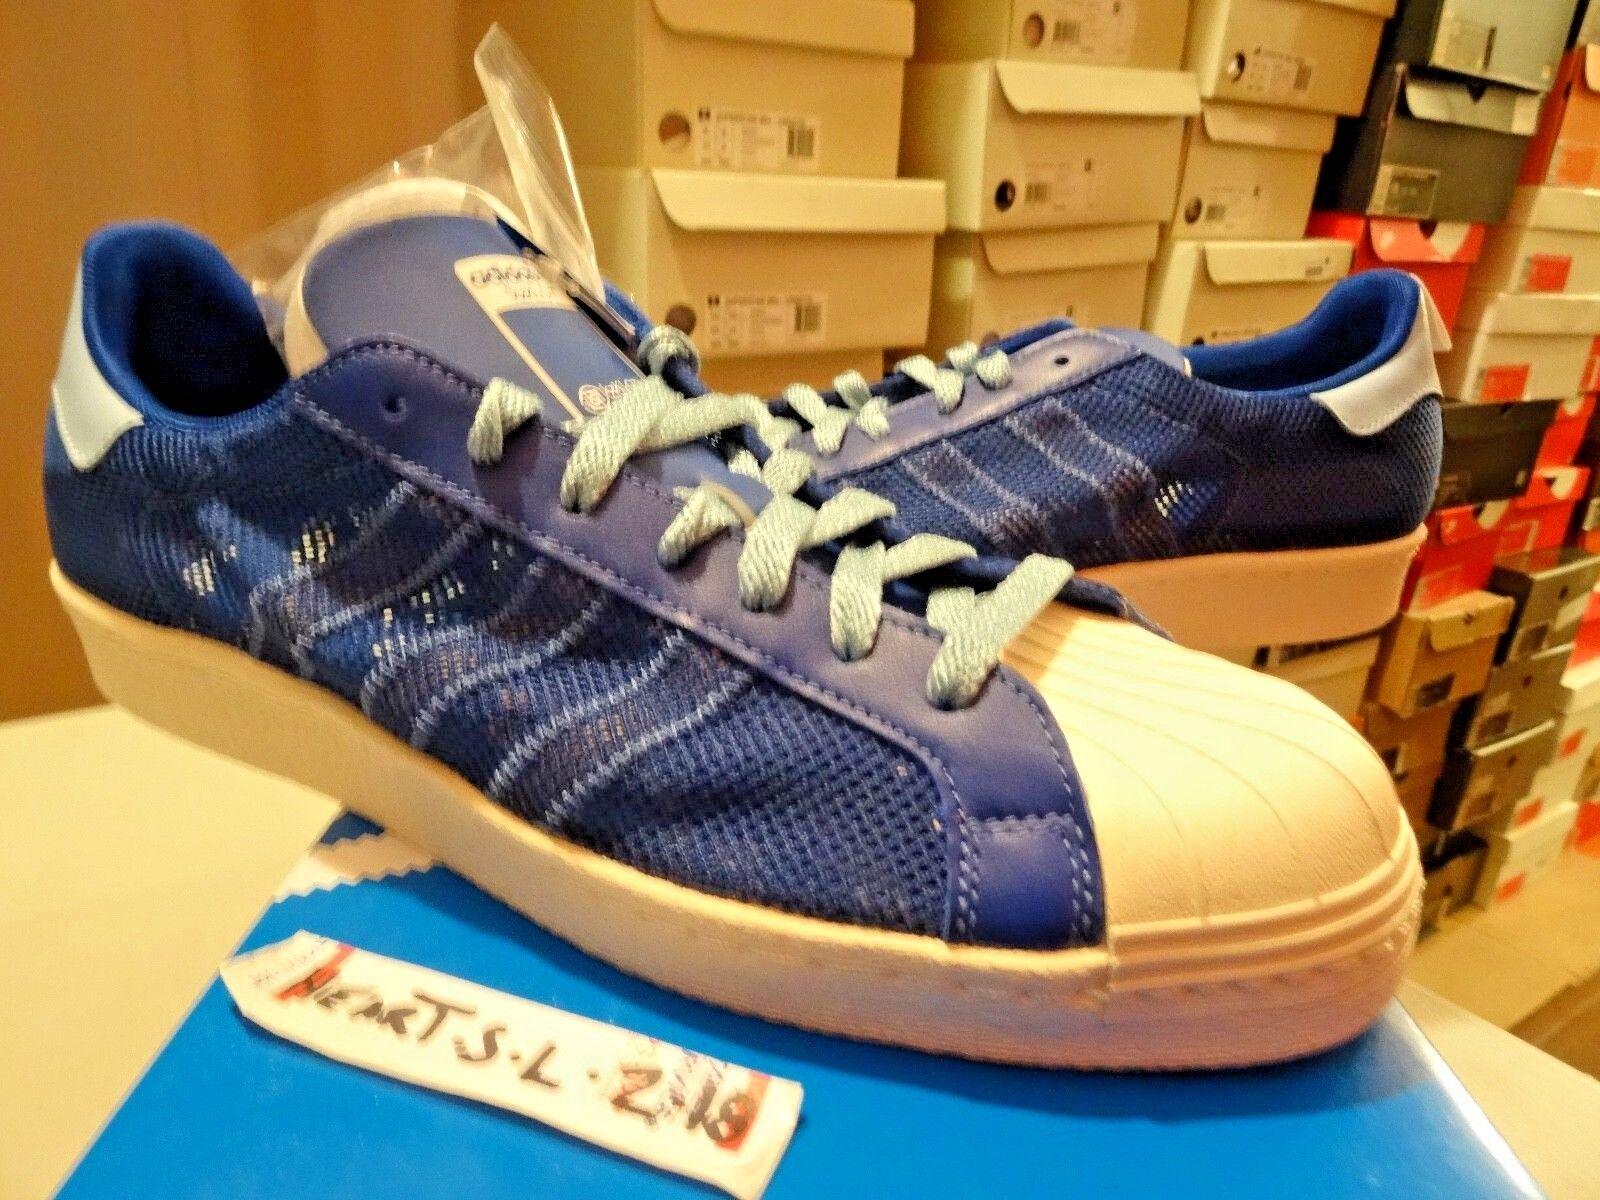 DS Adidas Adidas Adidas Originals Superstar 80s Clot X Kazuki Kuraishi Japan BAPE G63523 SZ 13 f38a6c